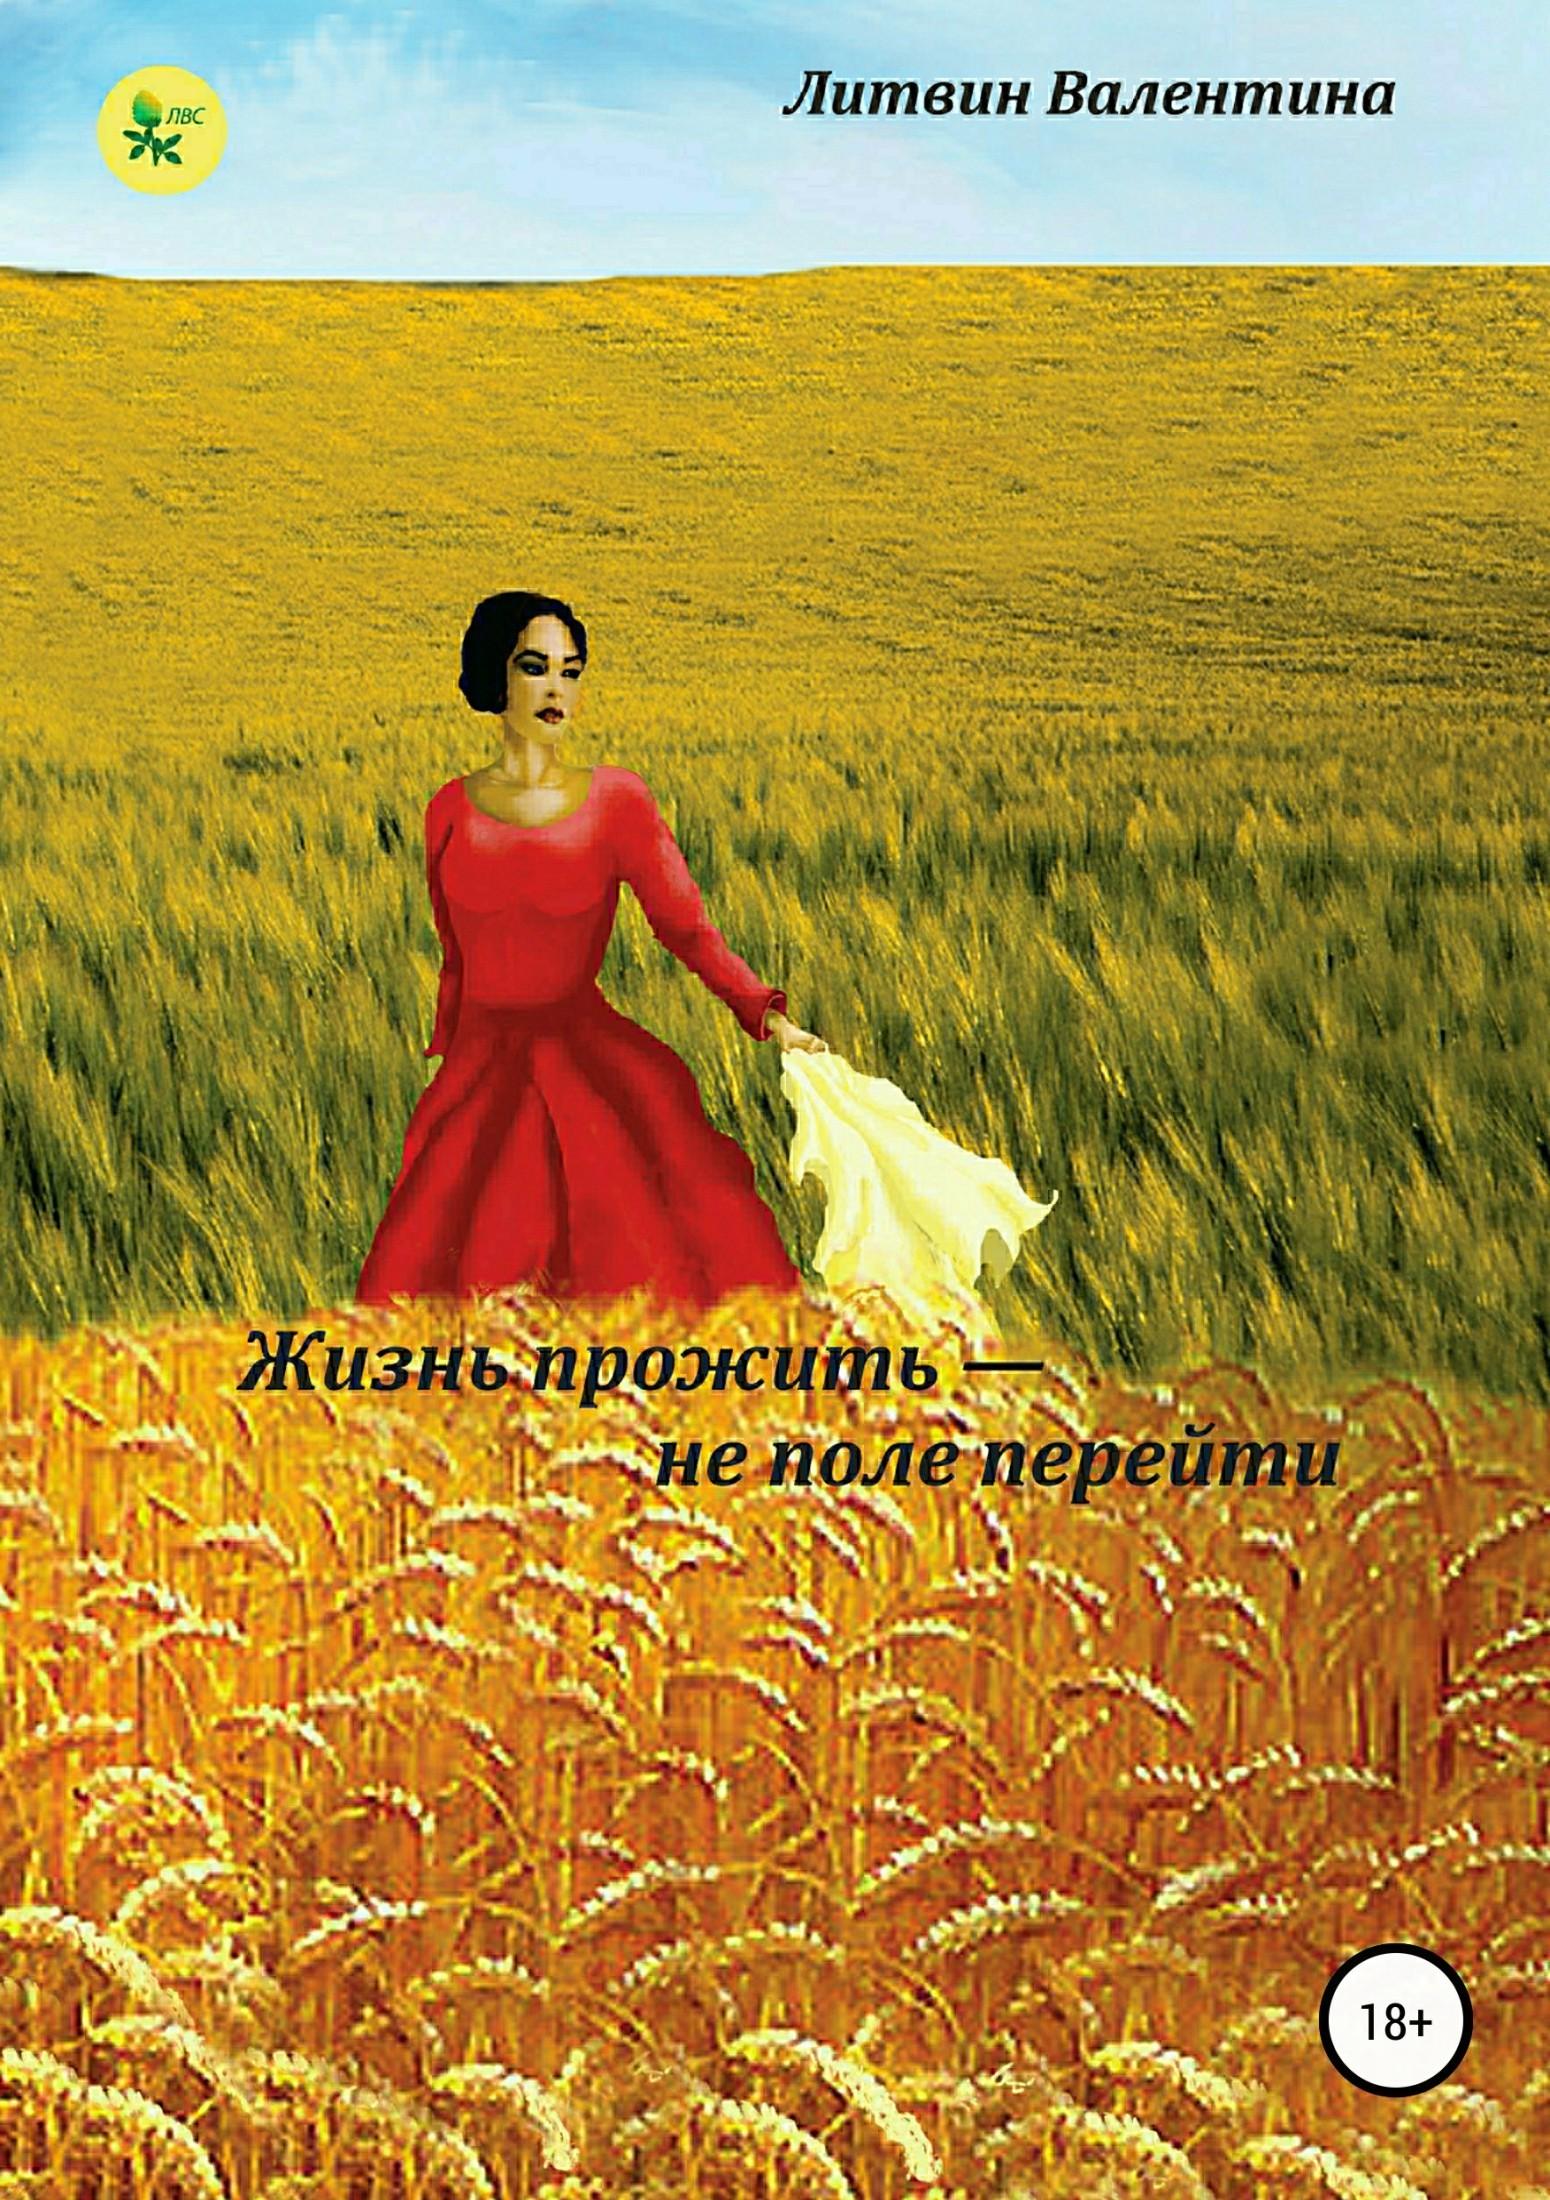 Валентина Сергеевна Литвин Жизнь прожить не поле перейти йонас микелинскас не поле перейти